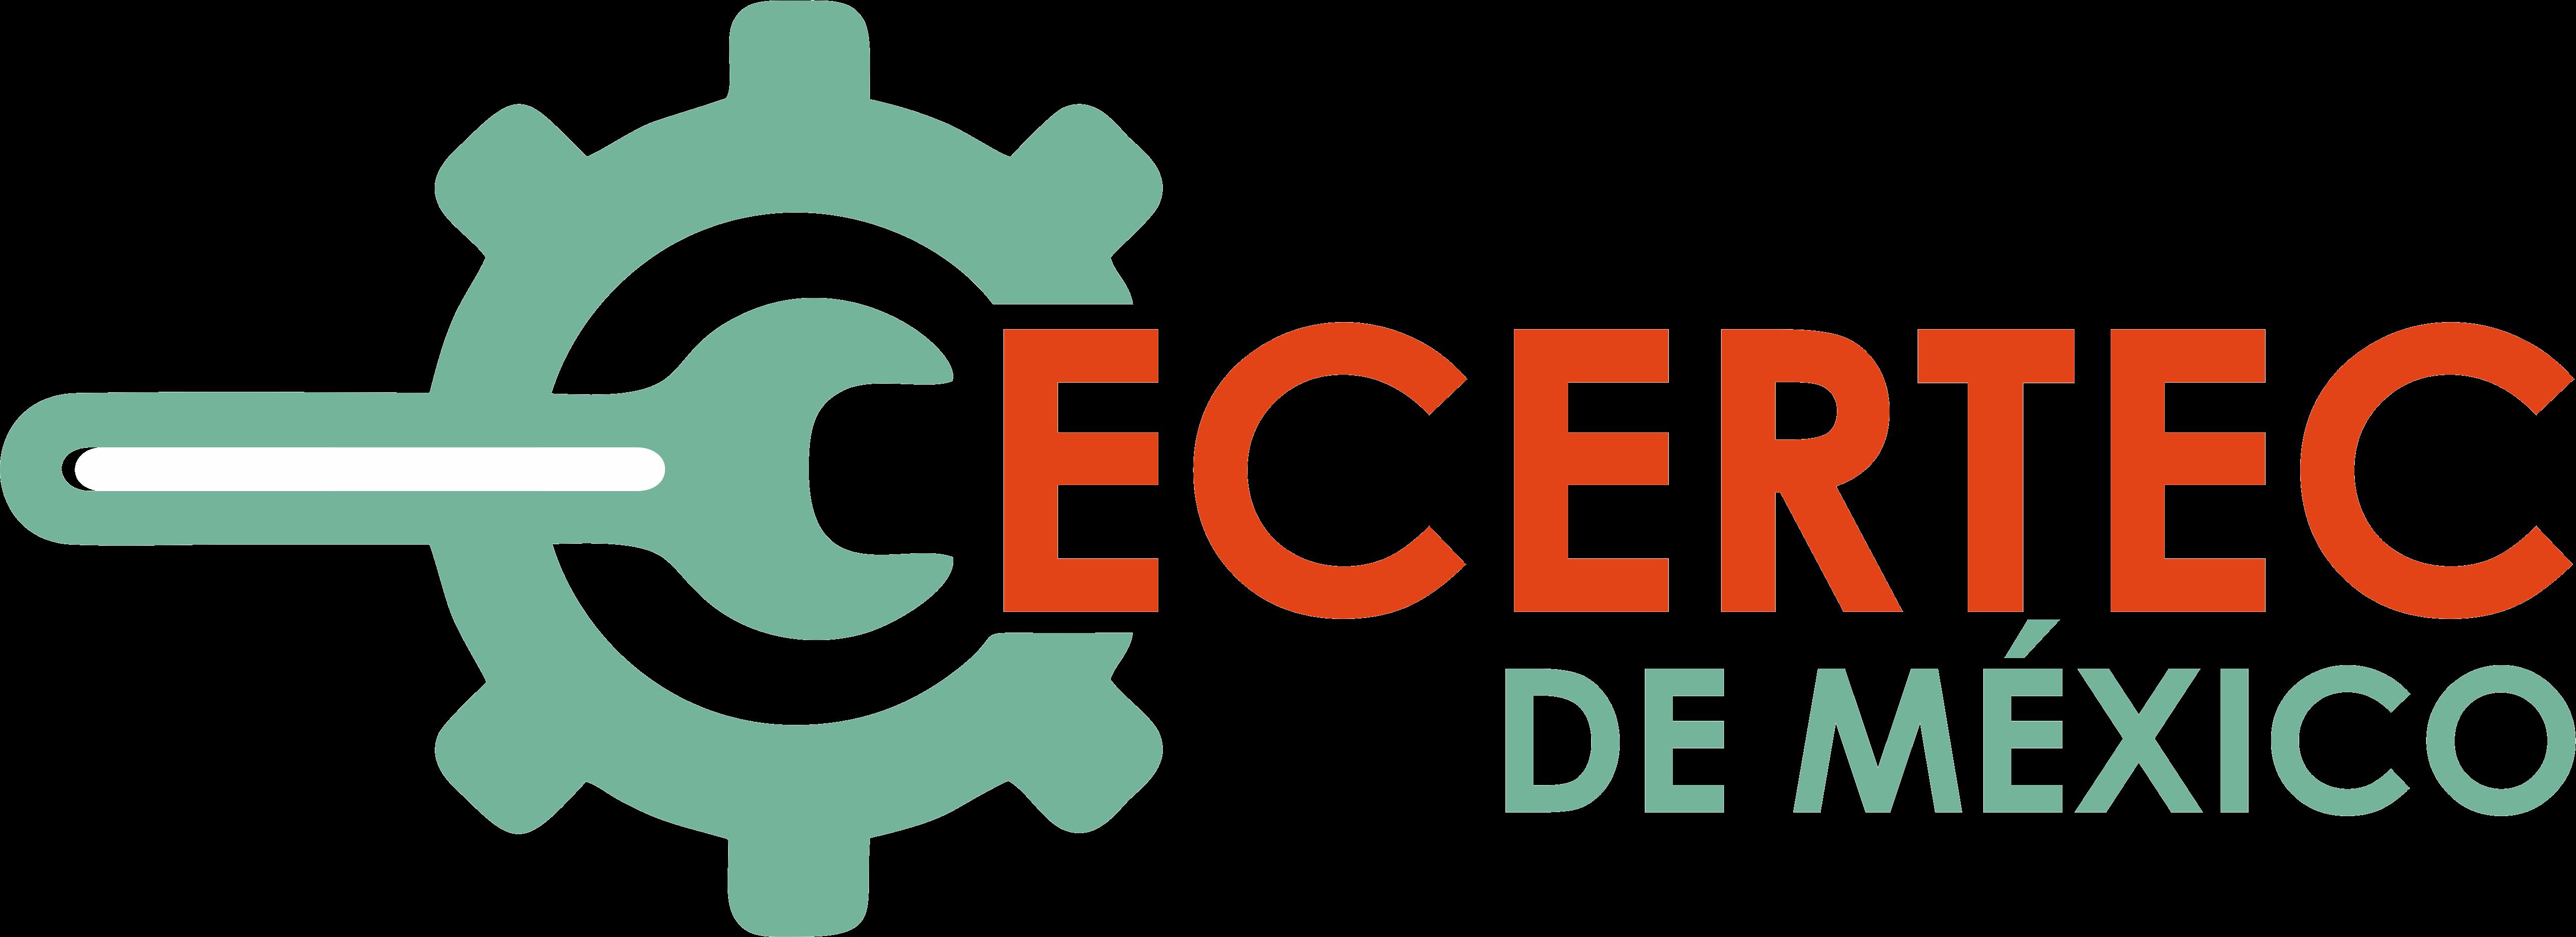 CECERTEC DE MÉXICO